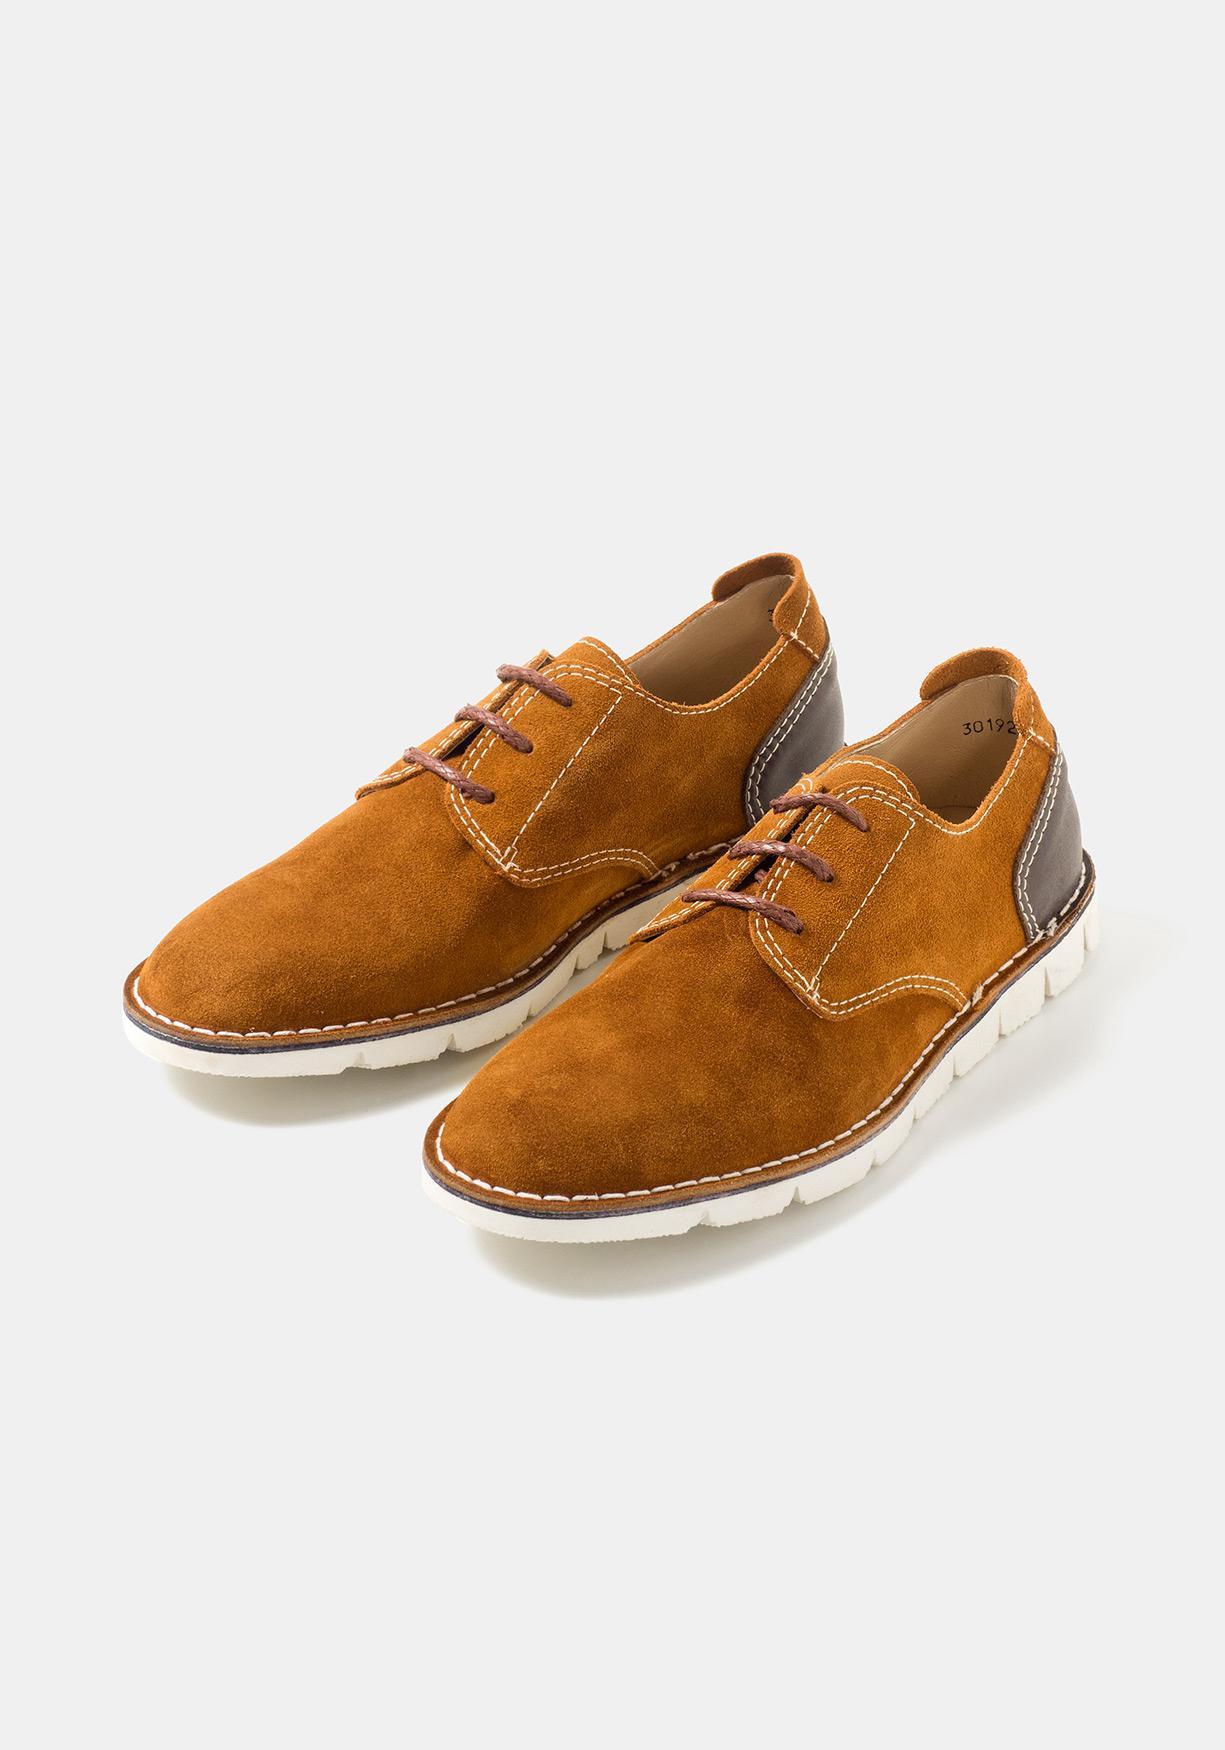 93b31403e0f Comprar zapatos de piel tex ¡aprovéchate de nuestros precios jpg 1225x1750  Los mejores zapatos de